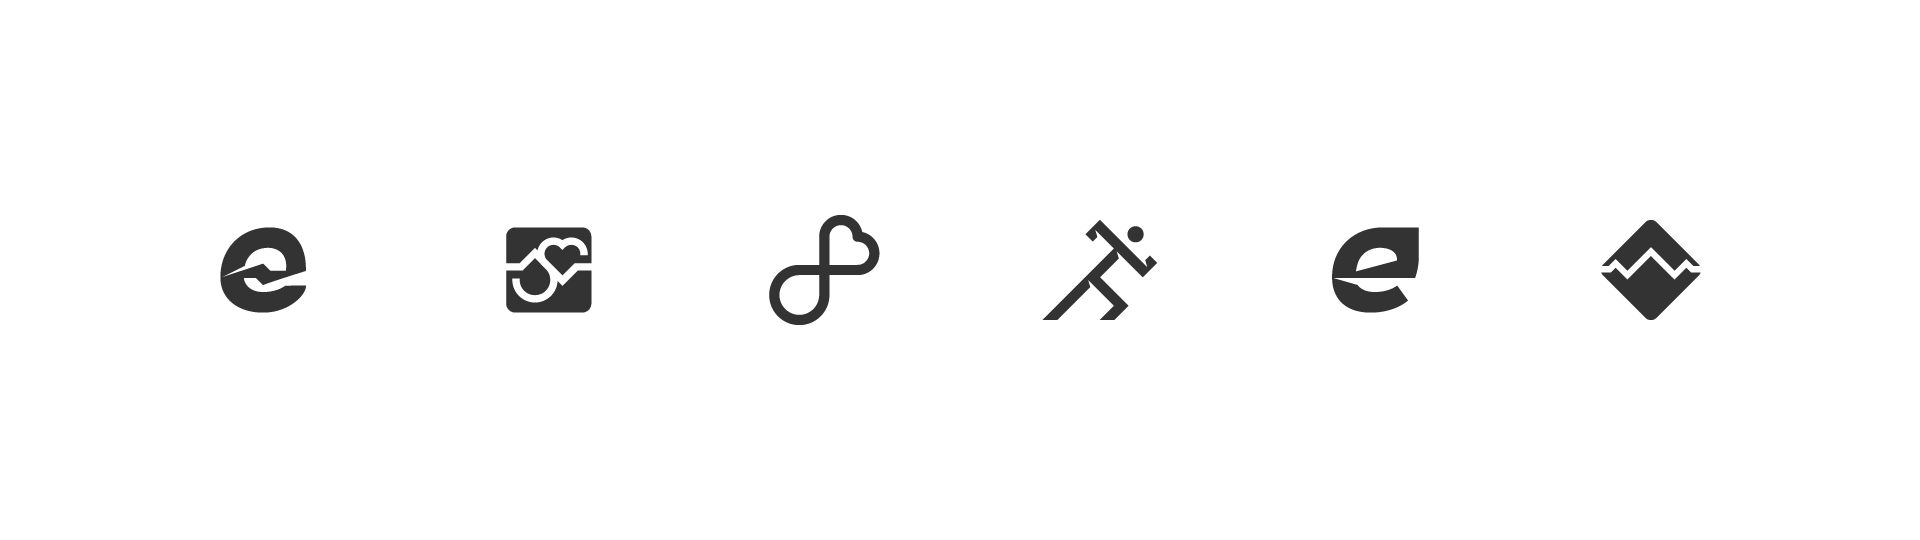 Exercise_Logo-Ideas